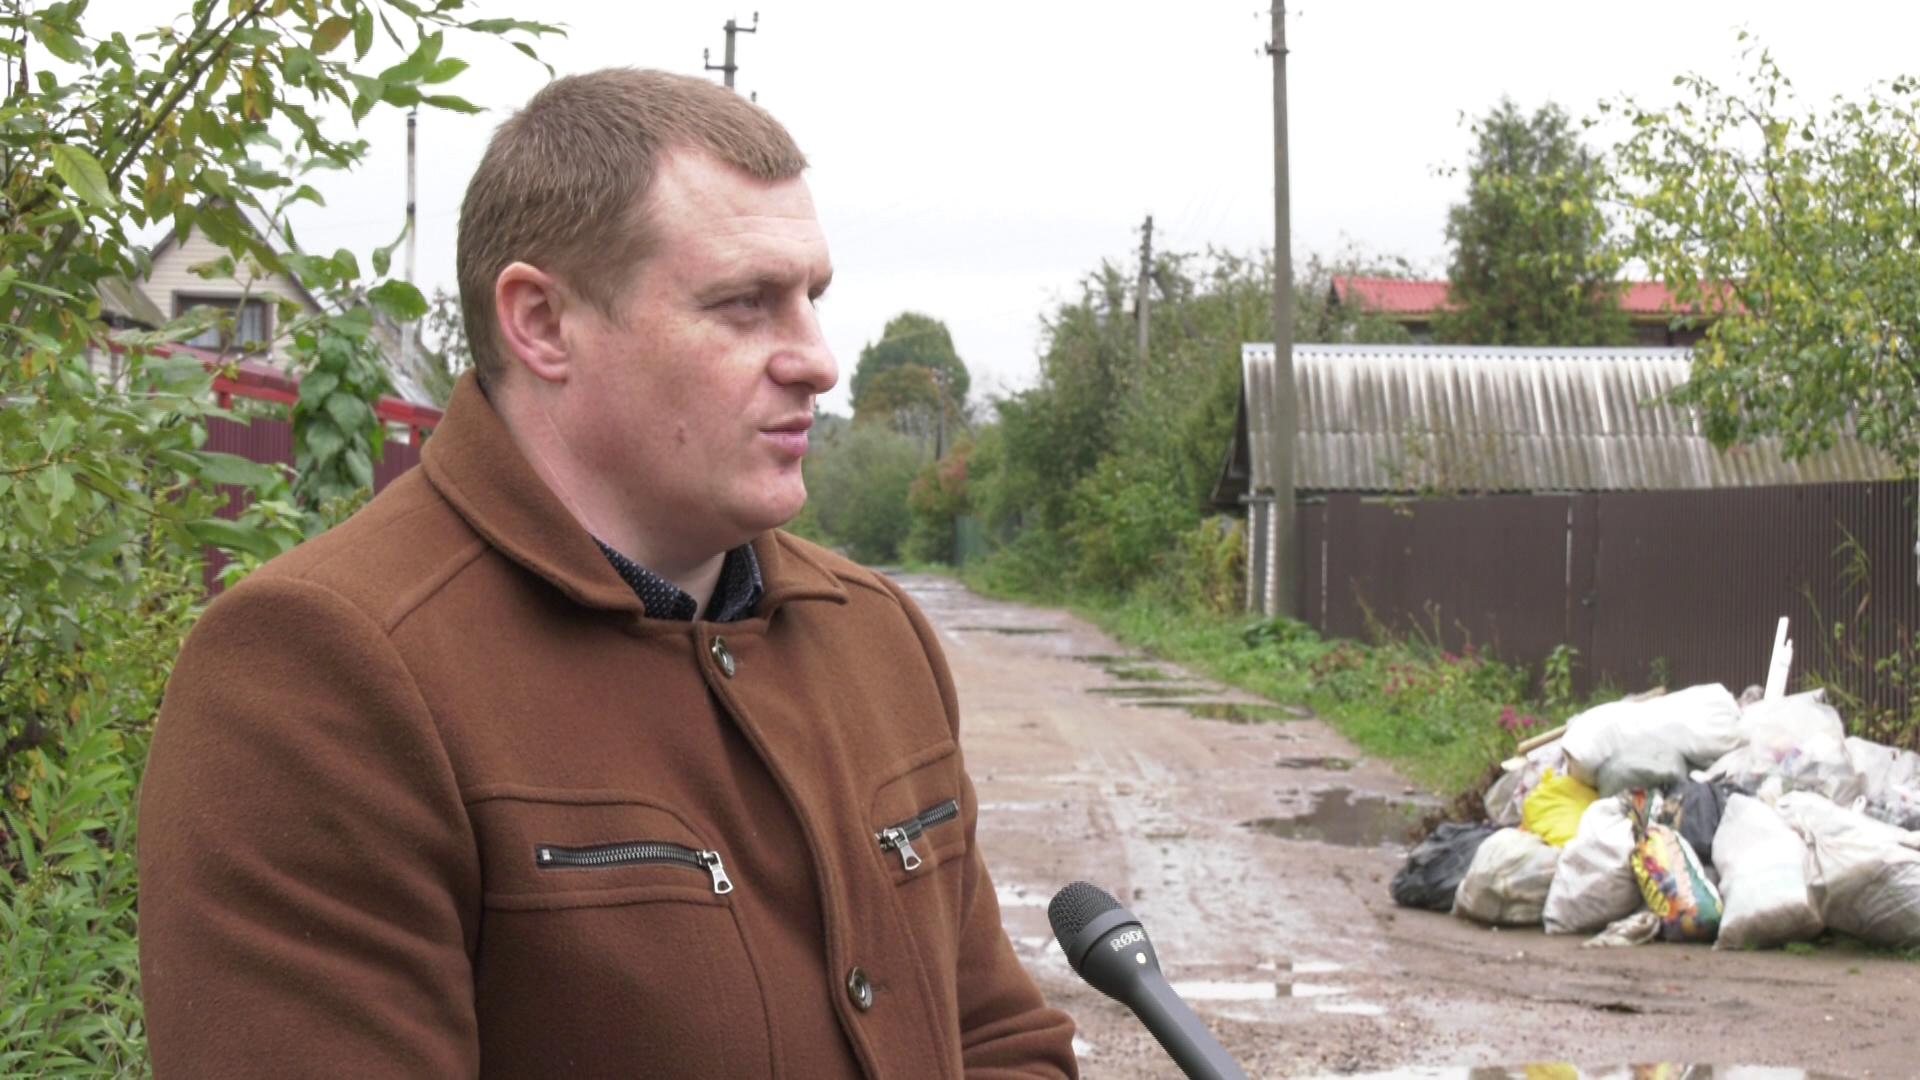 musorka - Борьба со свалками в дачных посёлках Витебской области (видео)